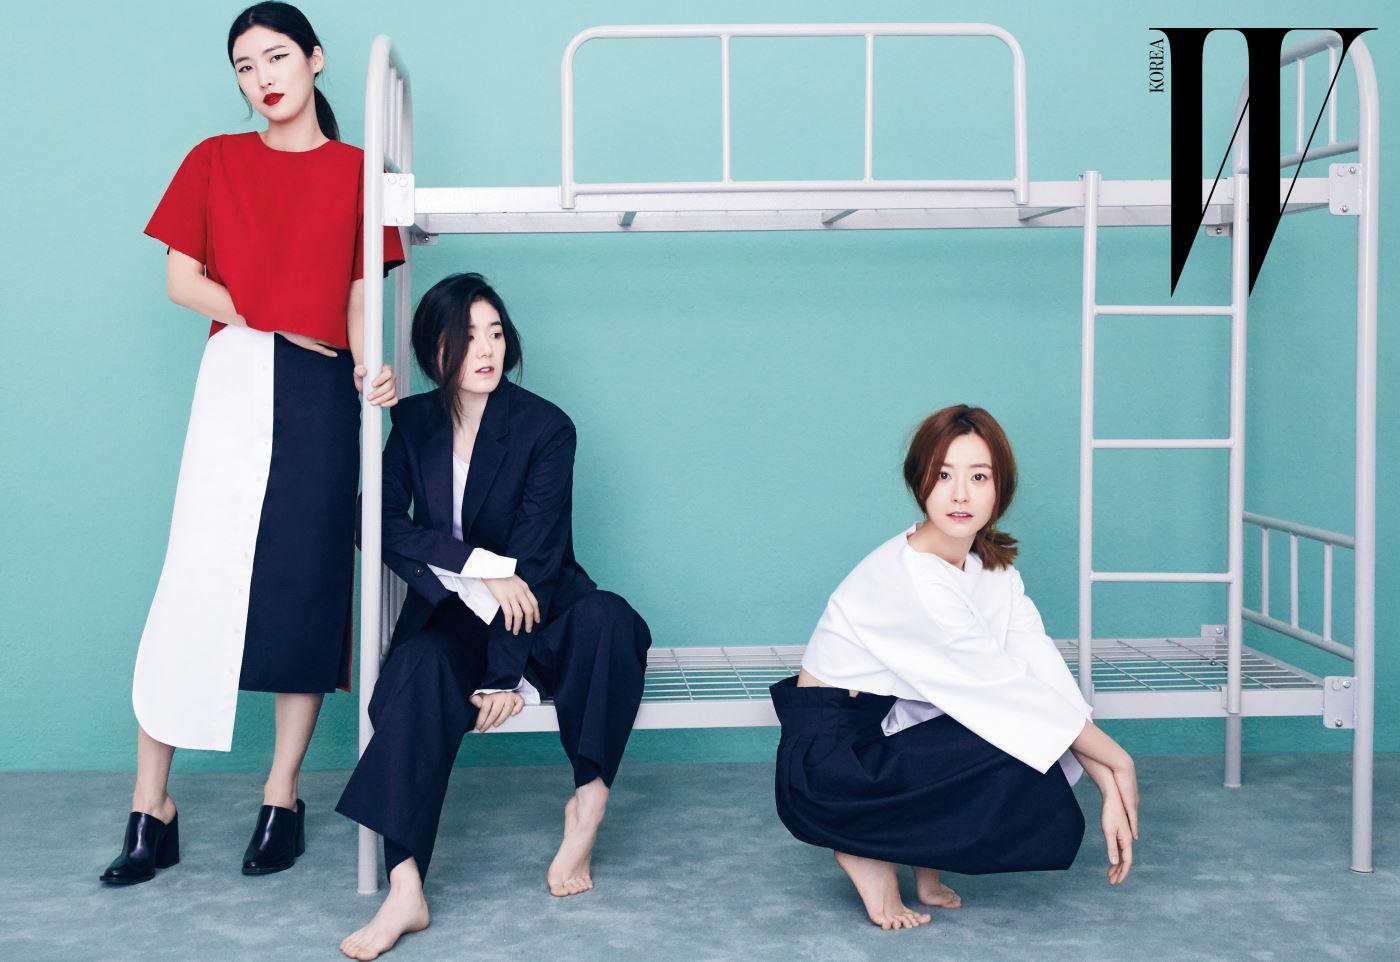 왼쪽부터 디자이너 정지연, 배우 정은채, 배우 정유미. 의상은 모두 2016 S/S 렉토.